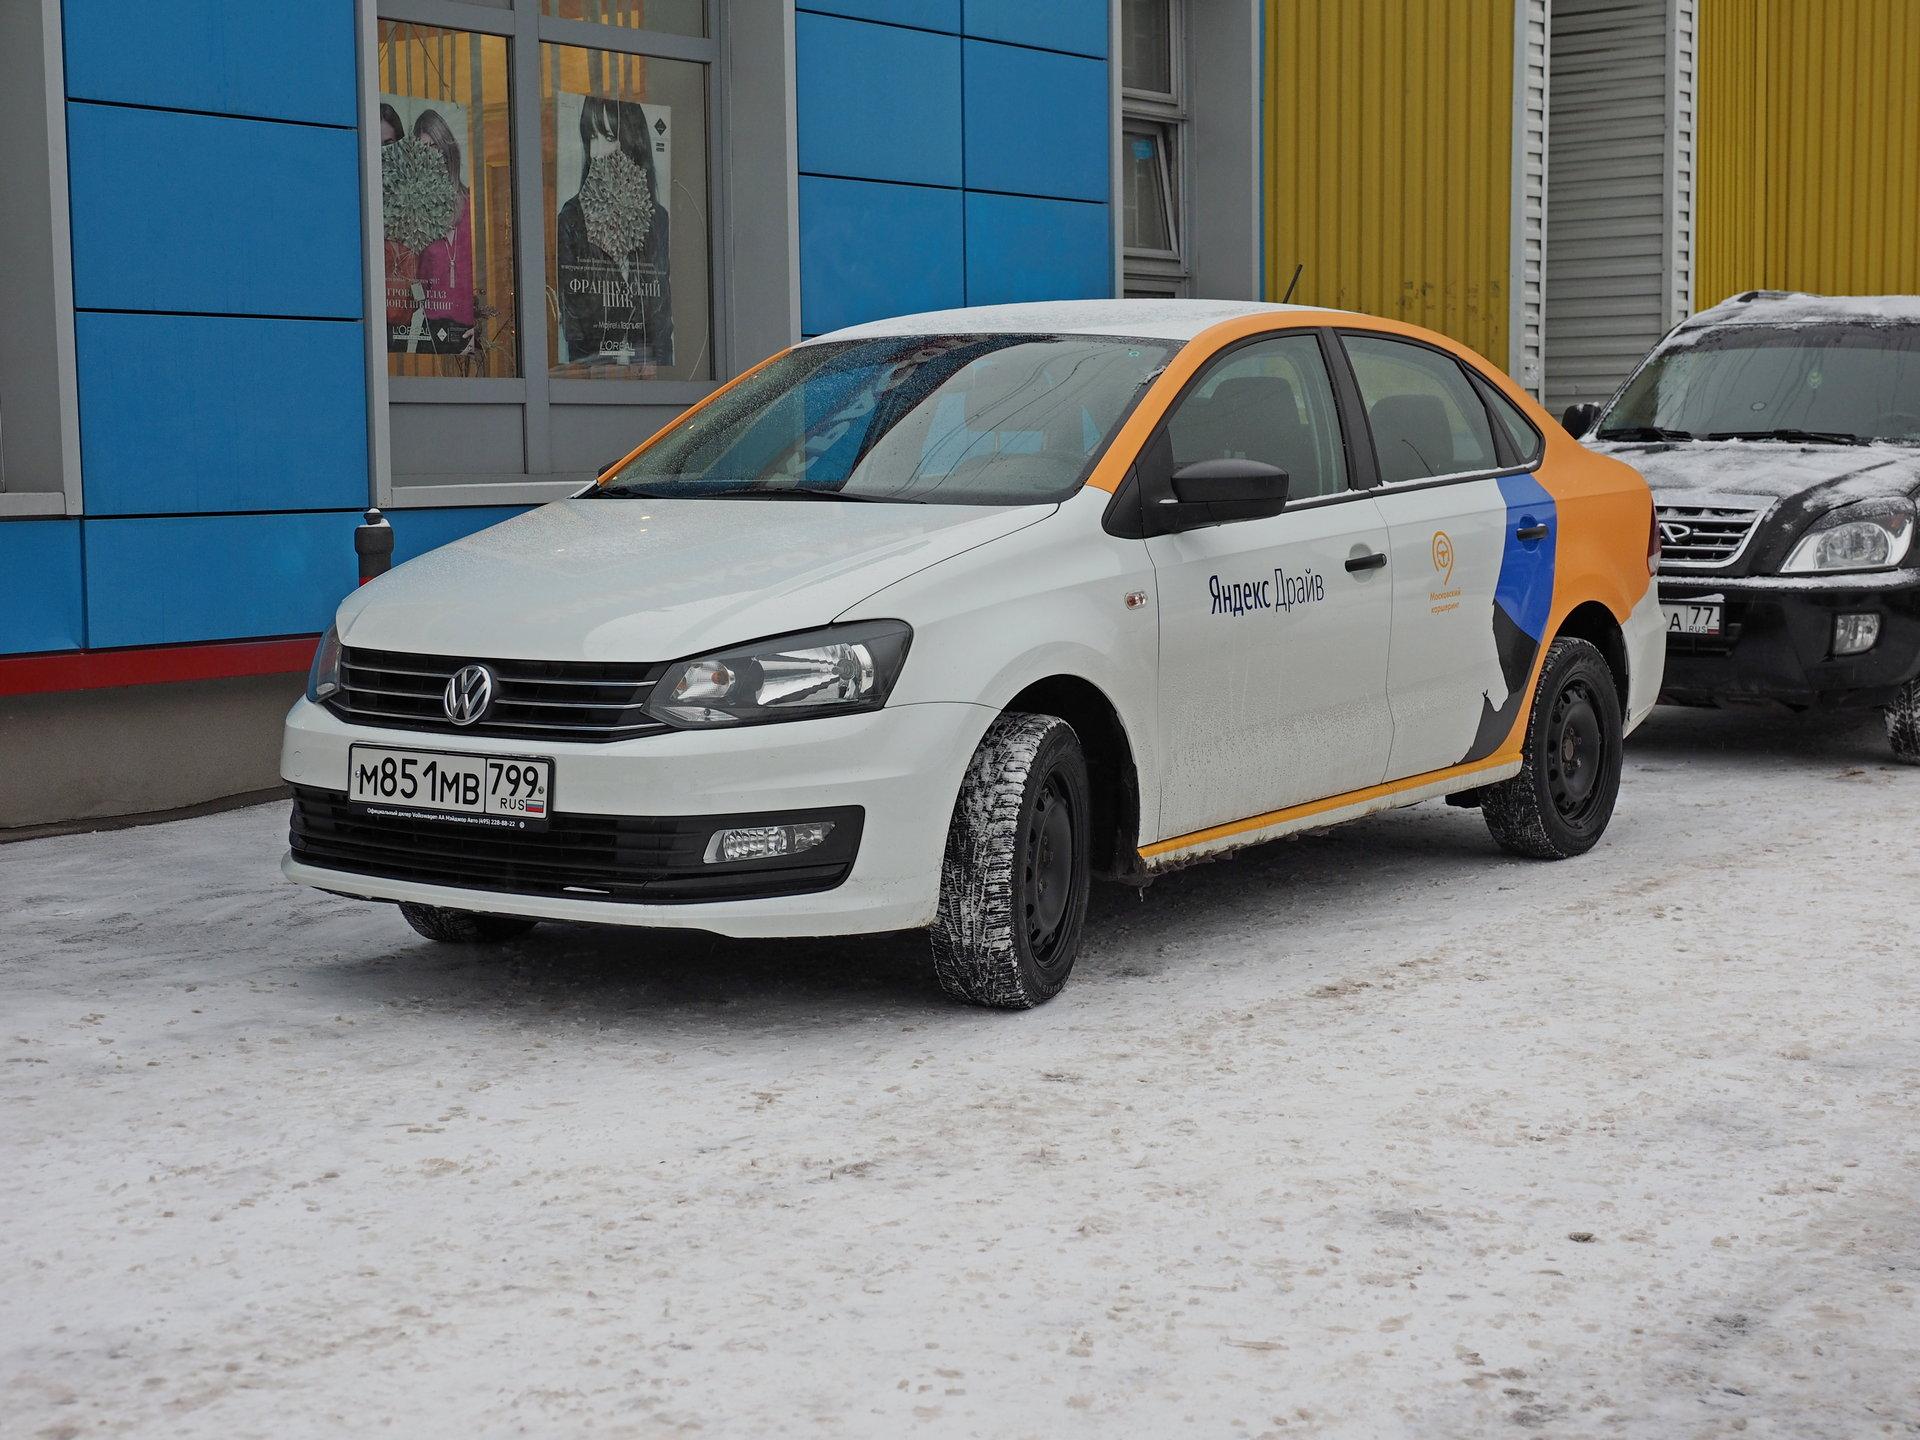 Неделя на каршеринге в Москве: получилось ли заменить личный автомобиль?